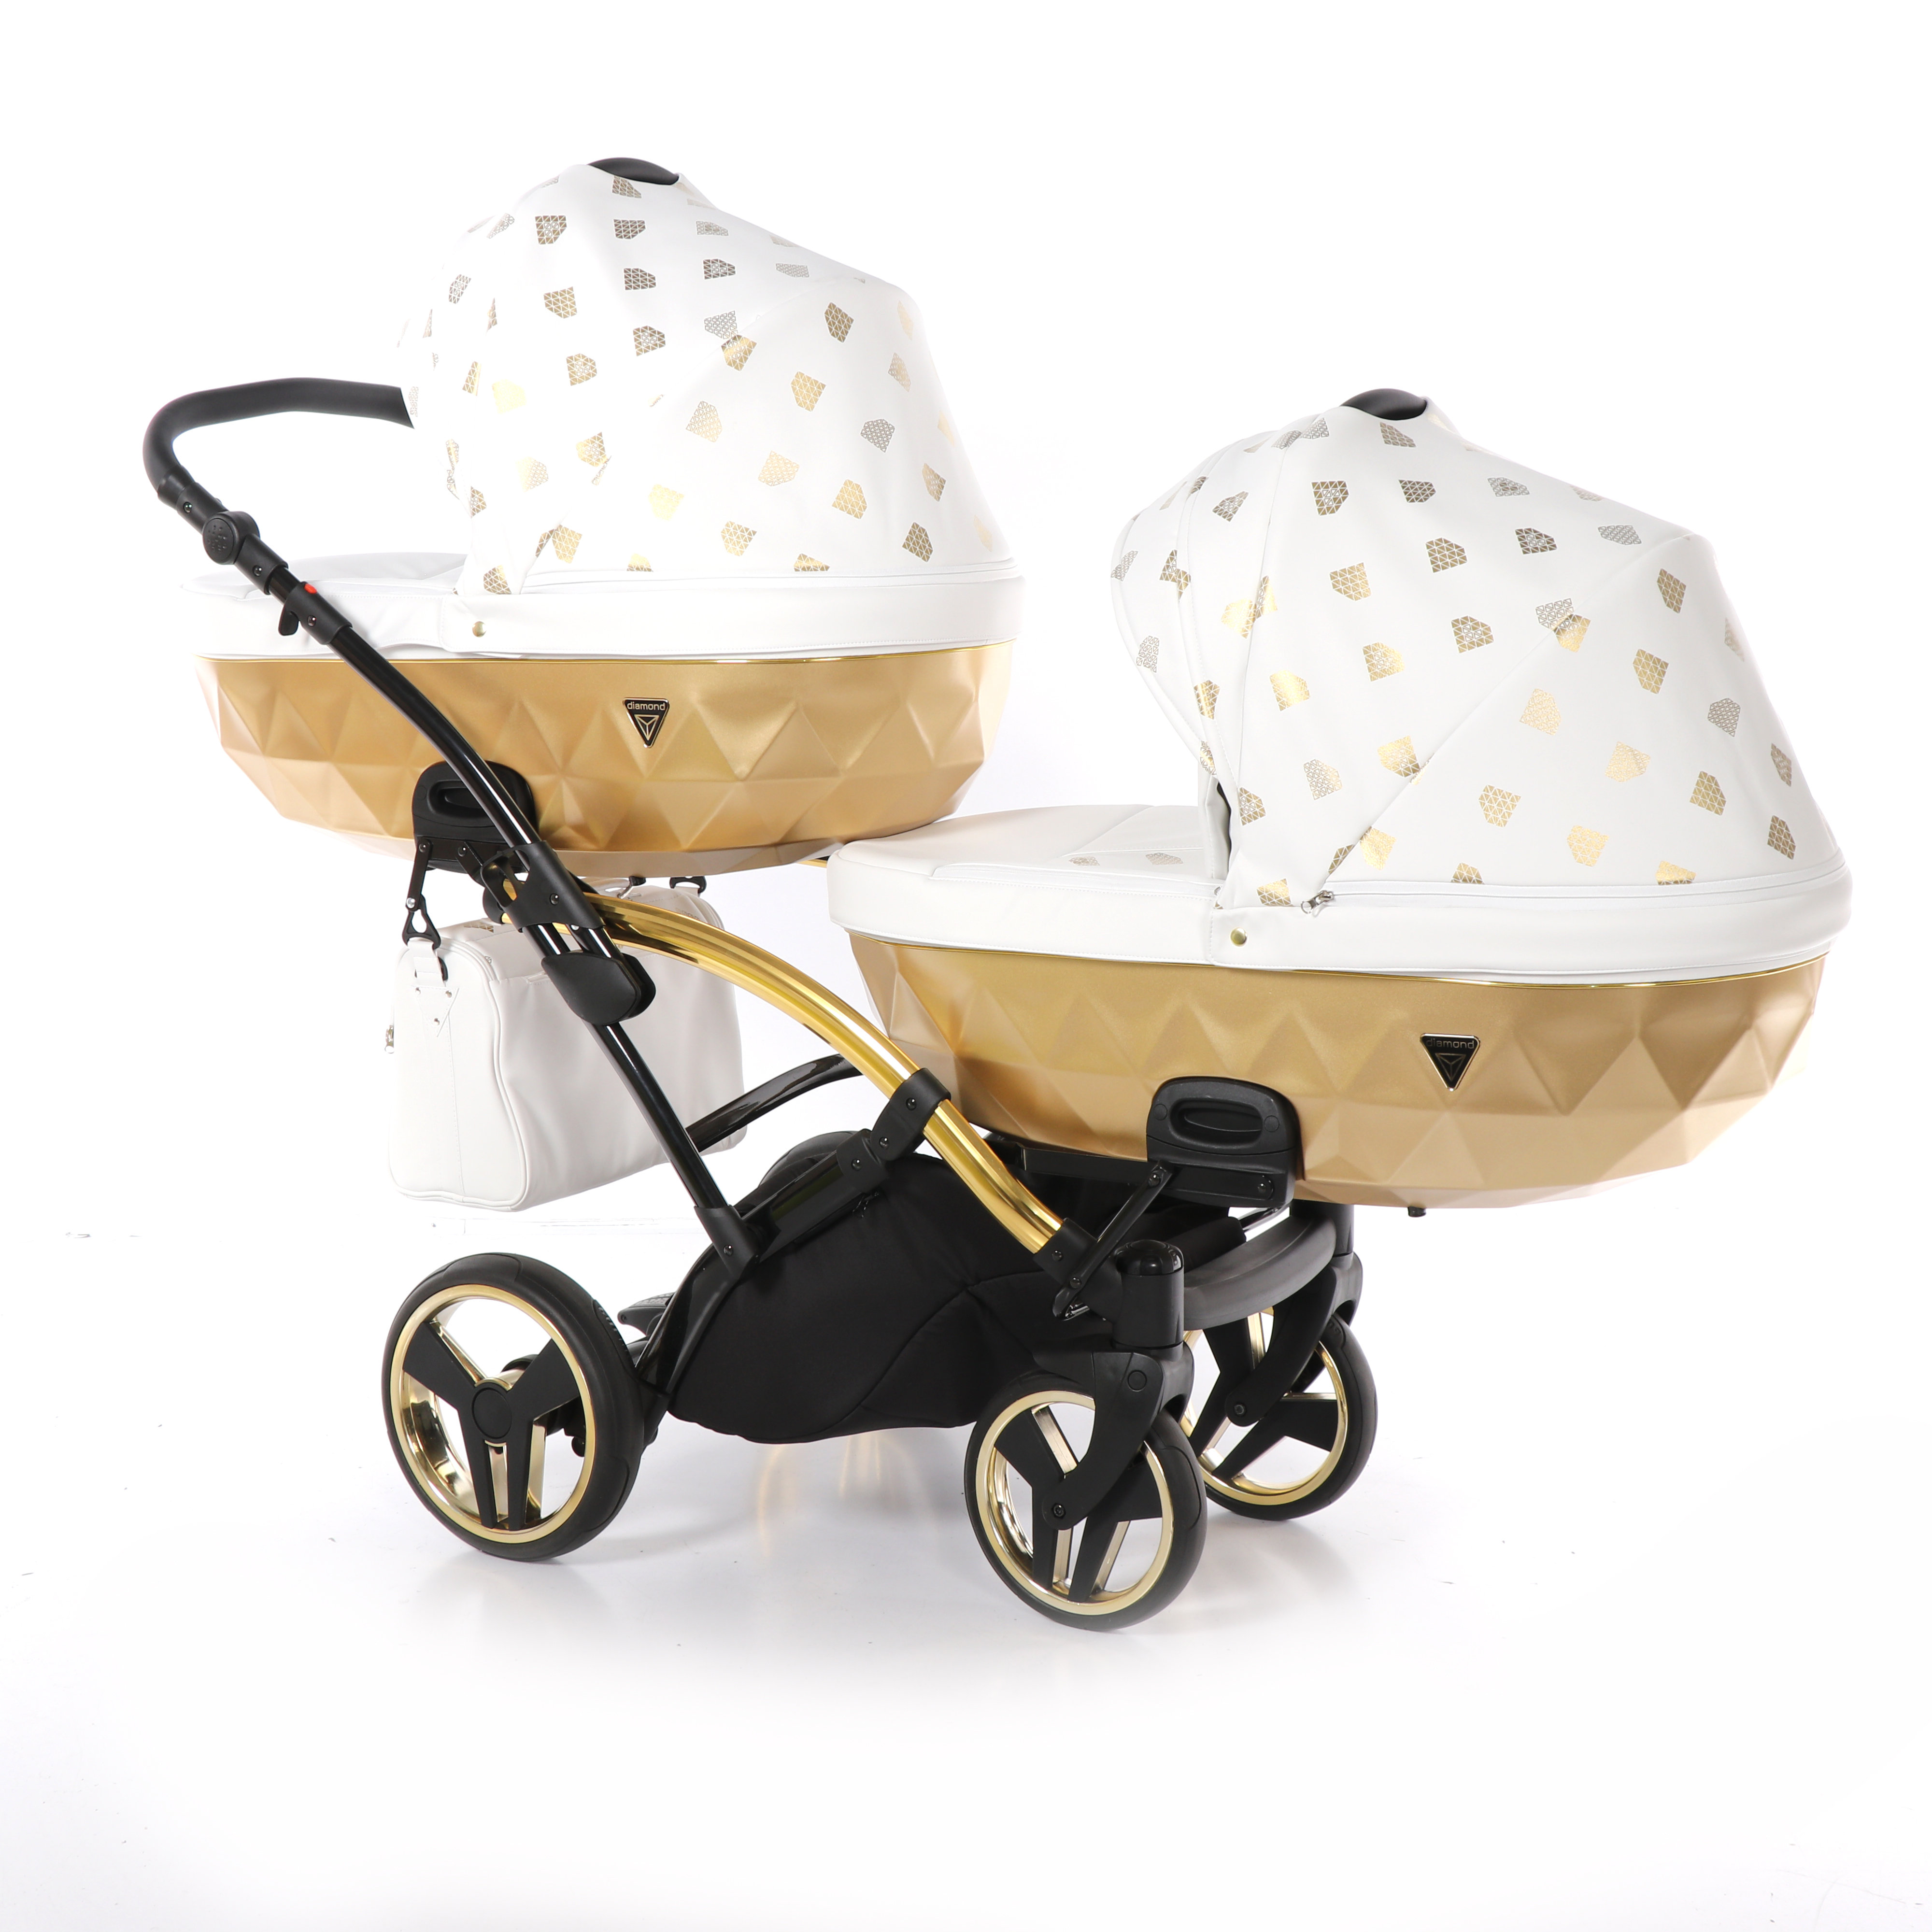 wielofunkcyjny wózek Junama Glow Duo Slim bliźniaczy